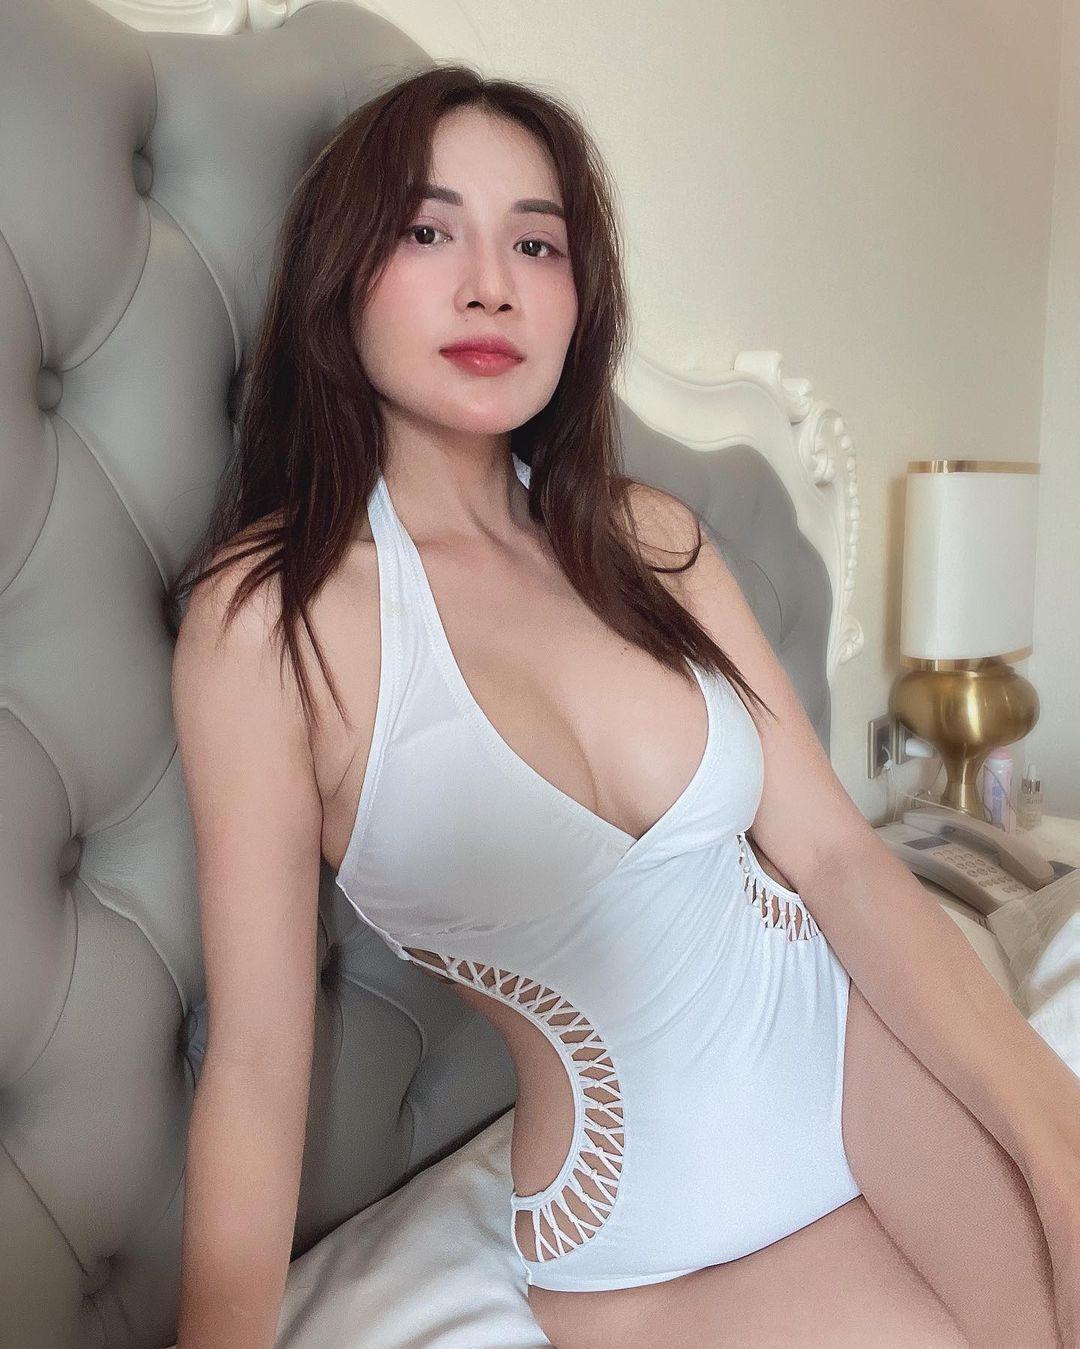 """""""Đại gia bất động sản Hậu Giang"""" mặc bikini mini như sắp tụt gây """"thót tim"""" người nhìn - hình ảnh 8"""